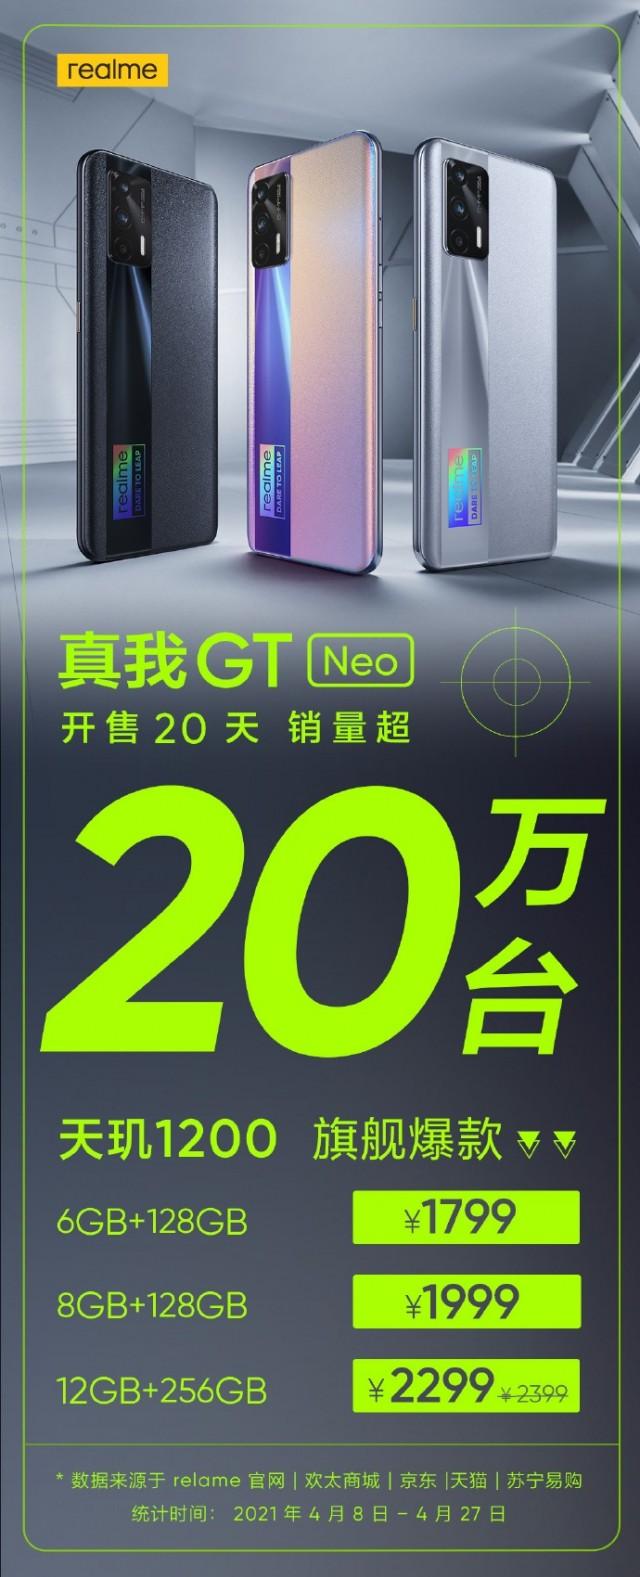 Super AMOLED, 120 Гц, NFC, 4500 мА•ч, 50 Вт и 5G за $275: смартфон Realme GT Neo оказался очень популярным